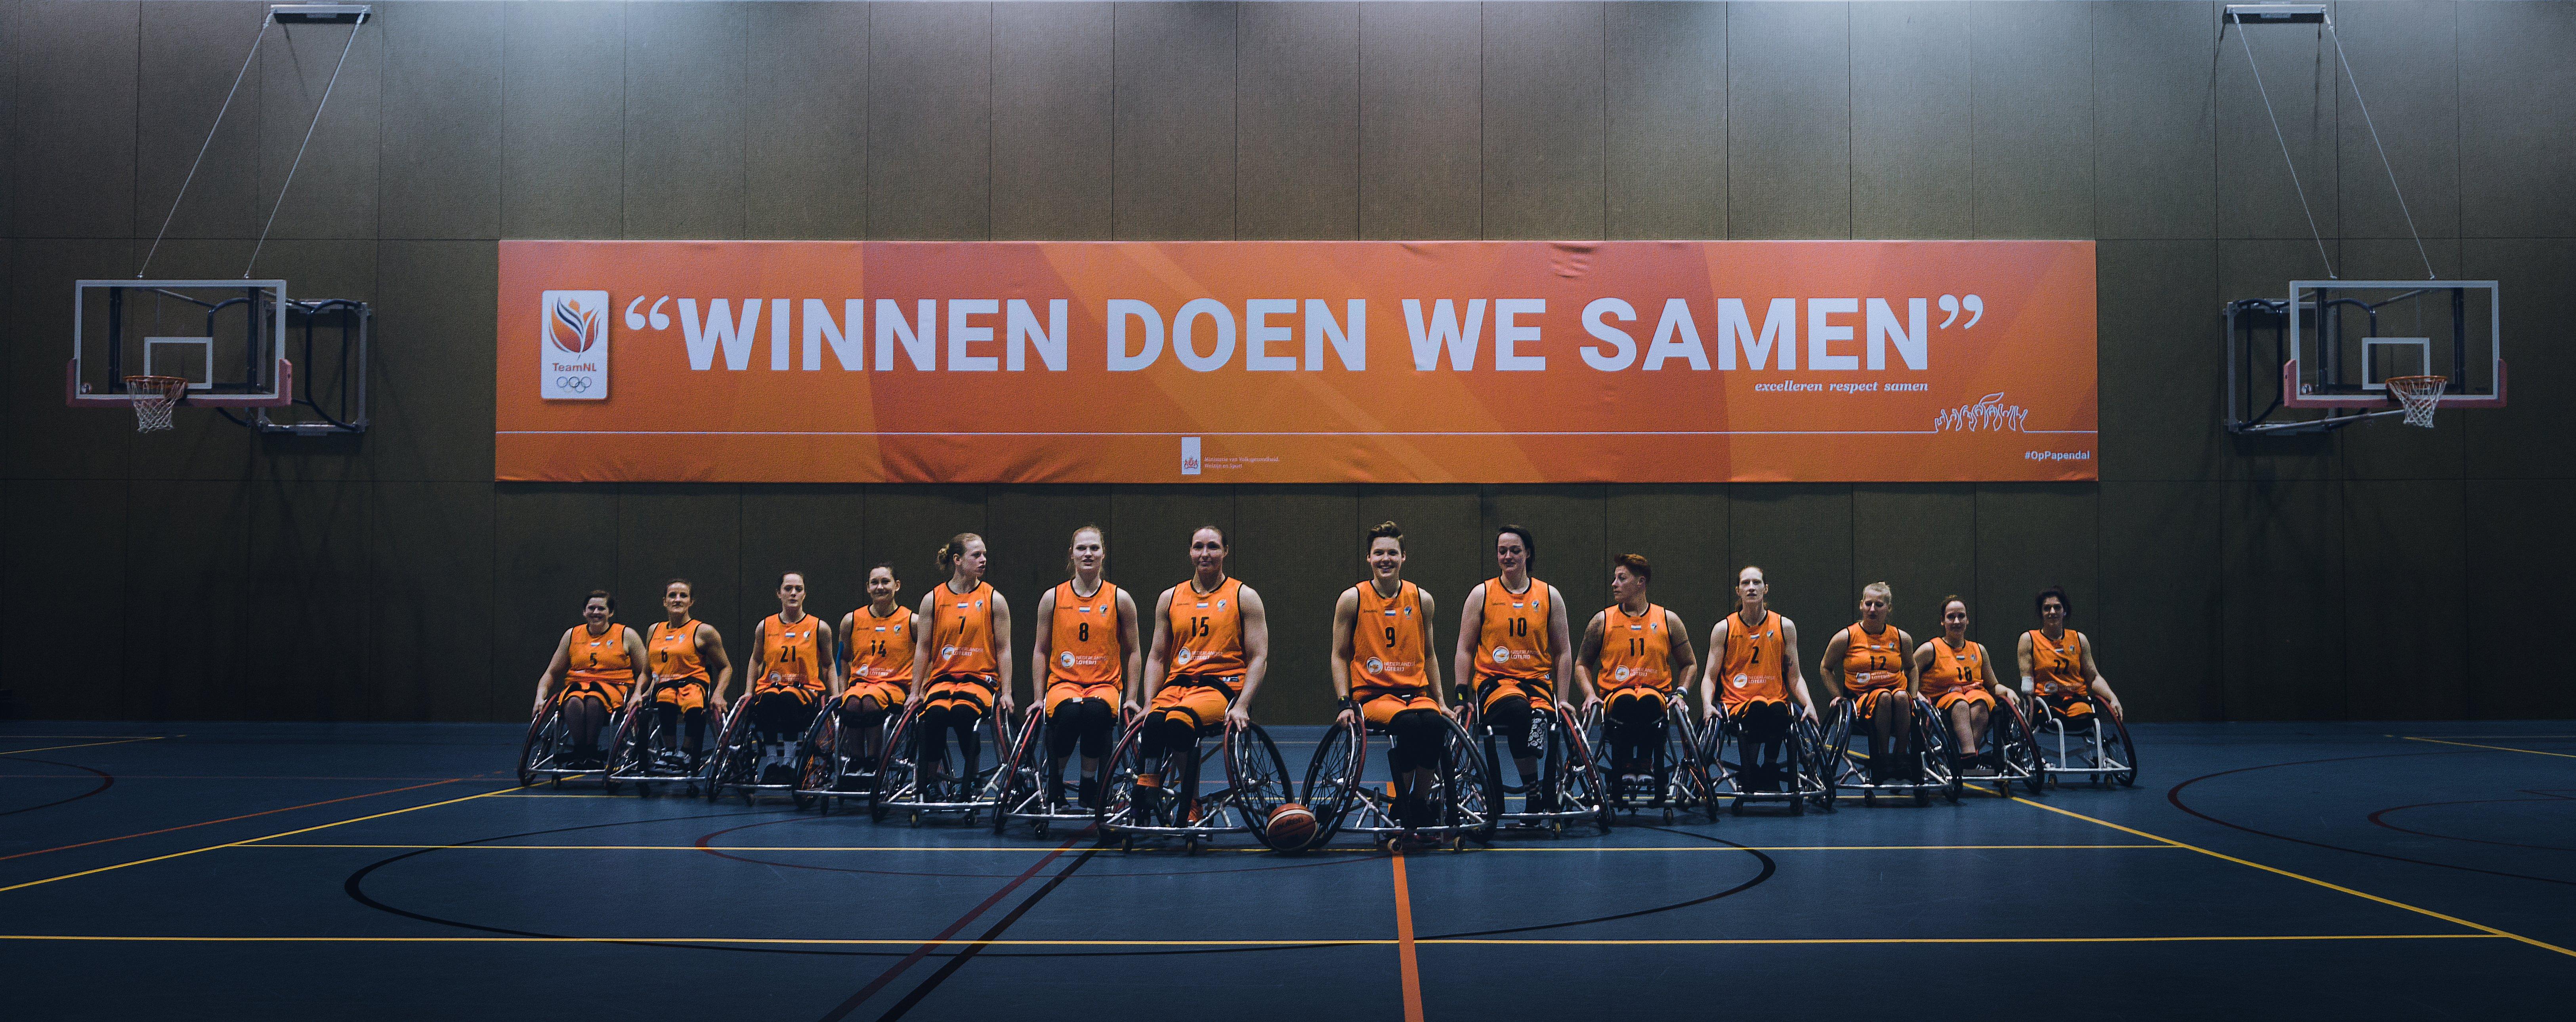 Rolstoelbasketbal, de eerste paralympische teamsport waarvan de finale live wordt uitgezonden op televisie